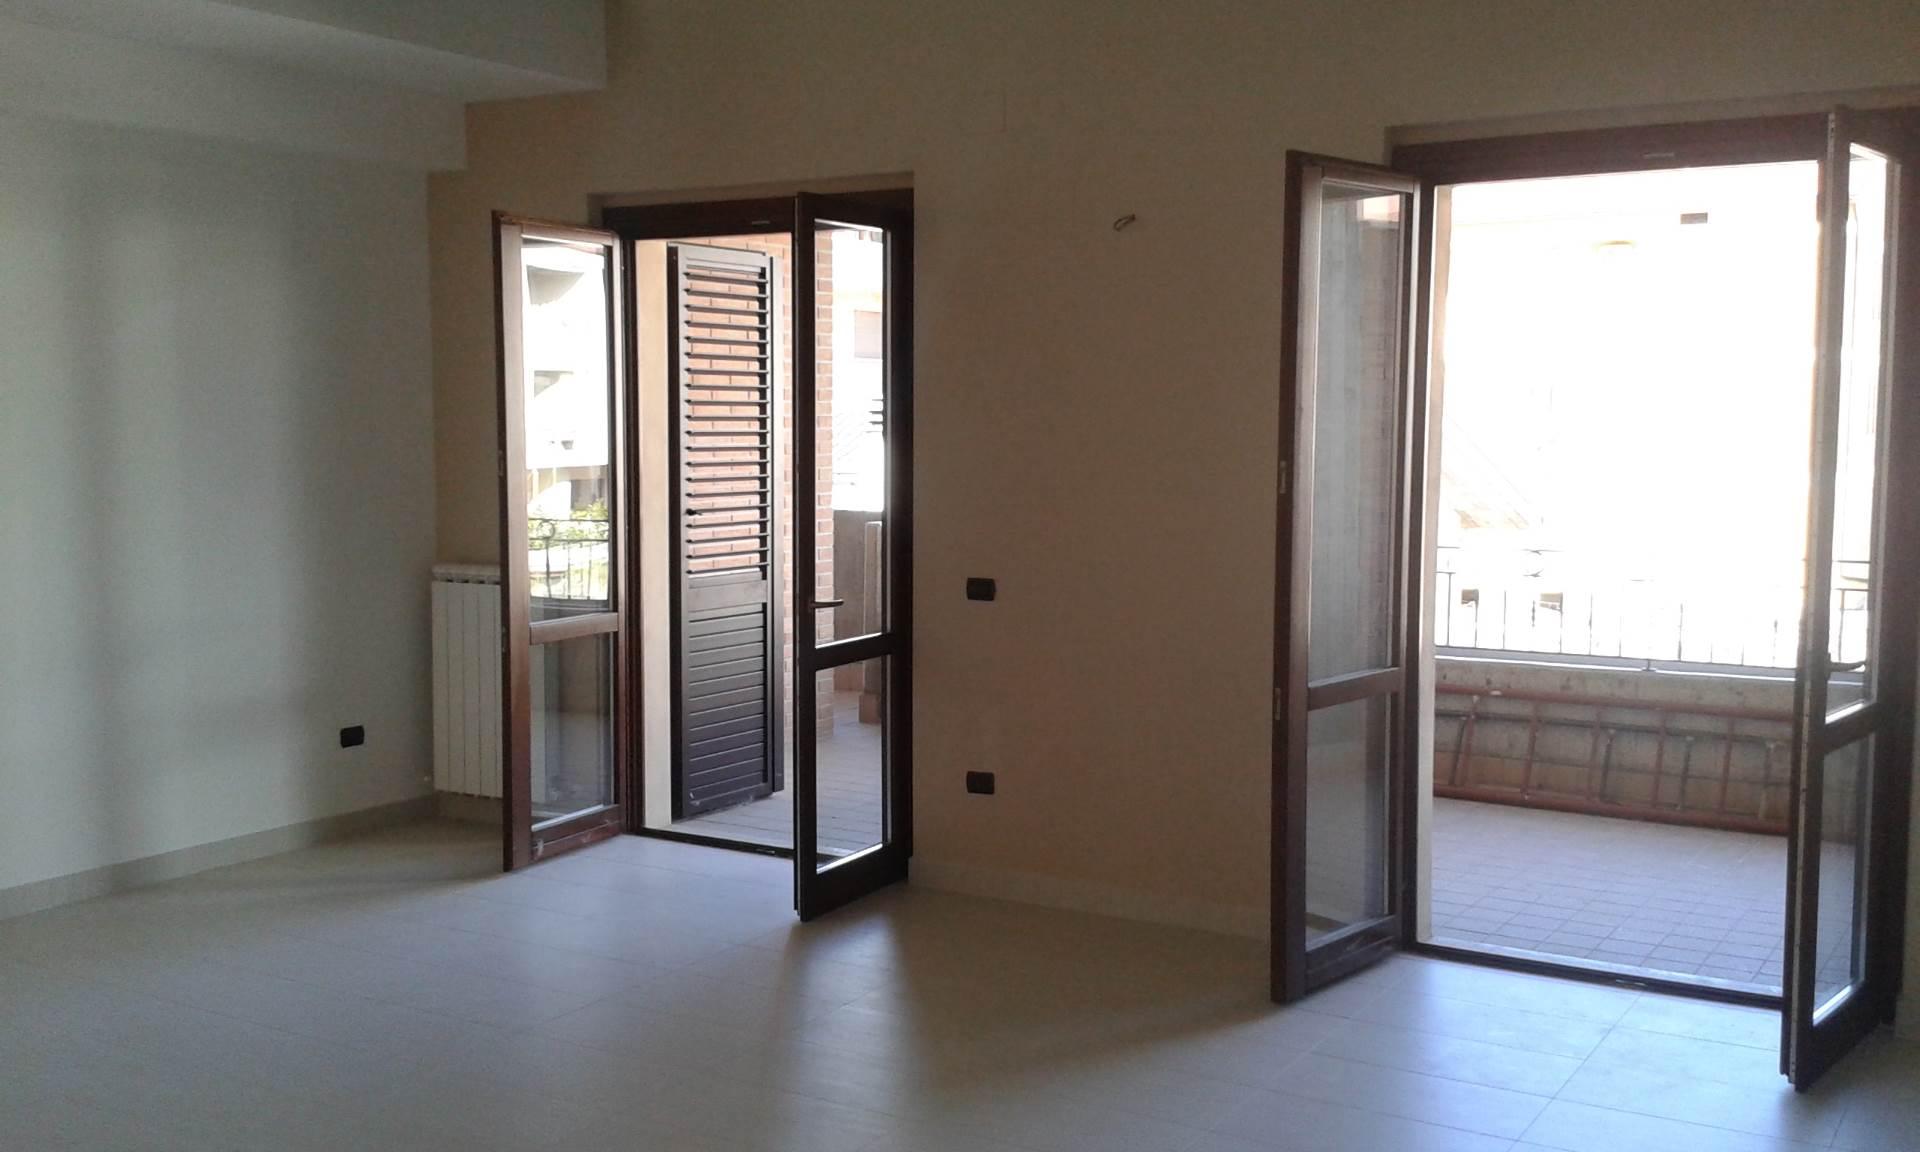 Appartamento in vendita a Teramo, 5 locali, prezzo € 225.000   PortaleAgenzieImmobiliari.it